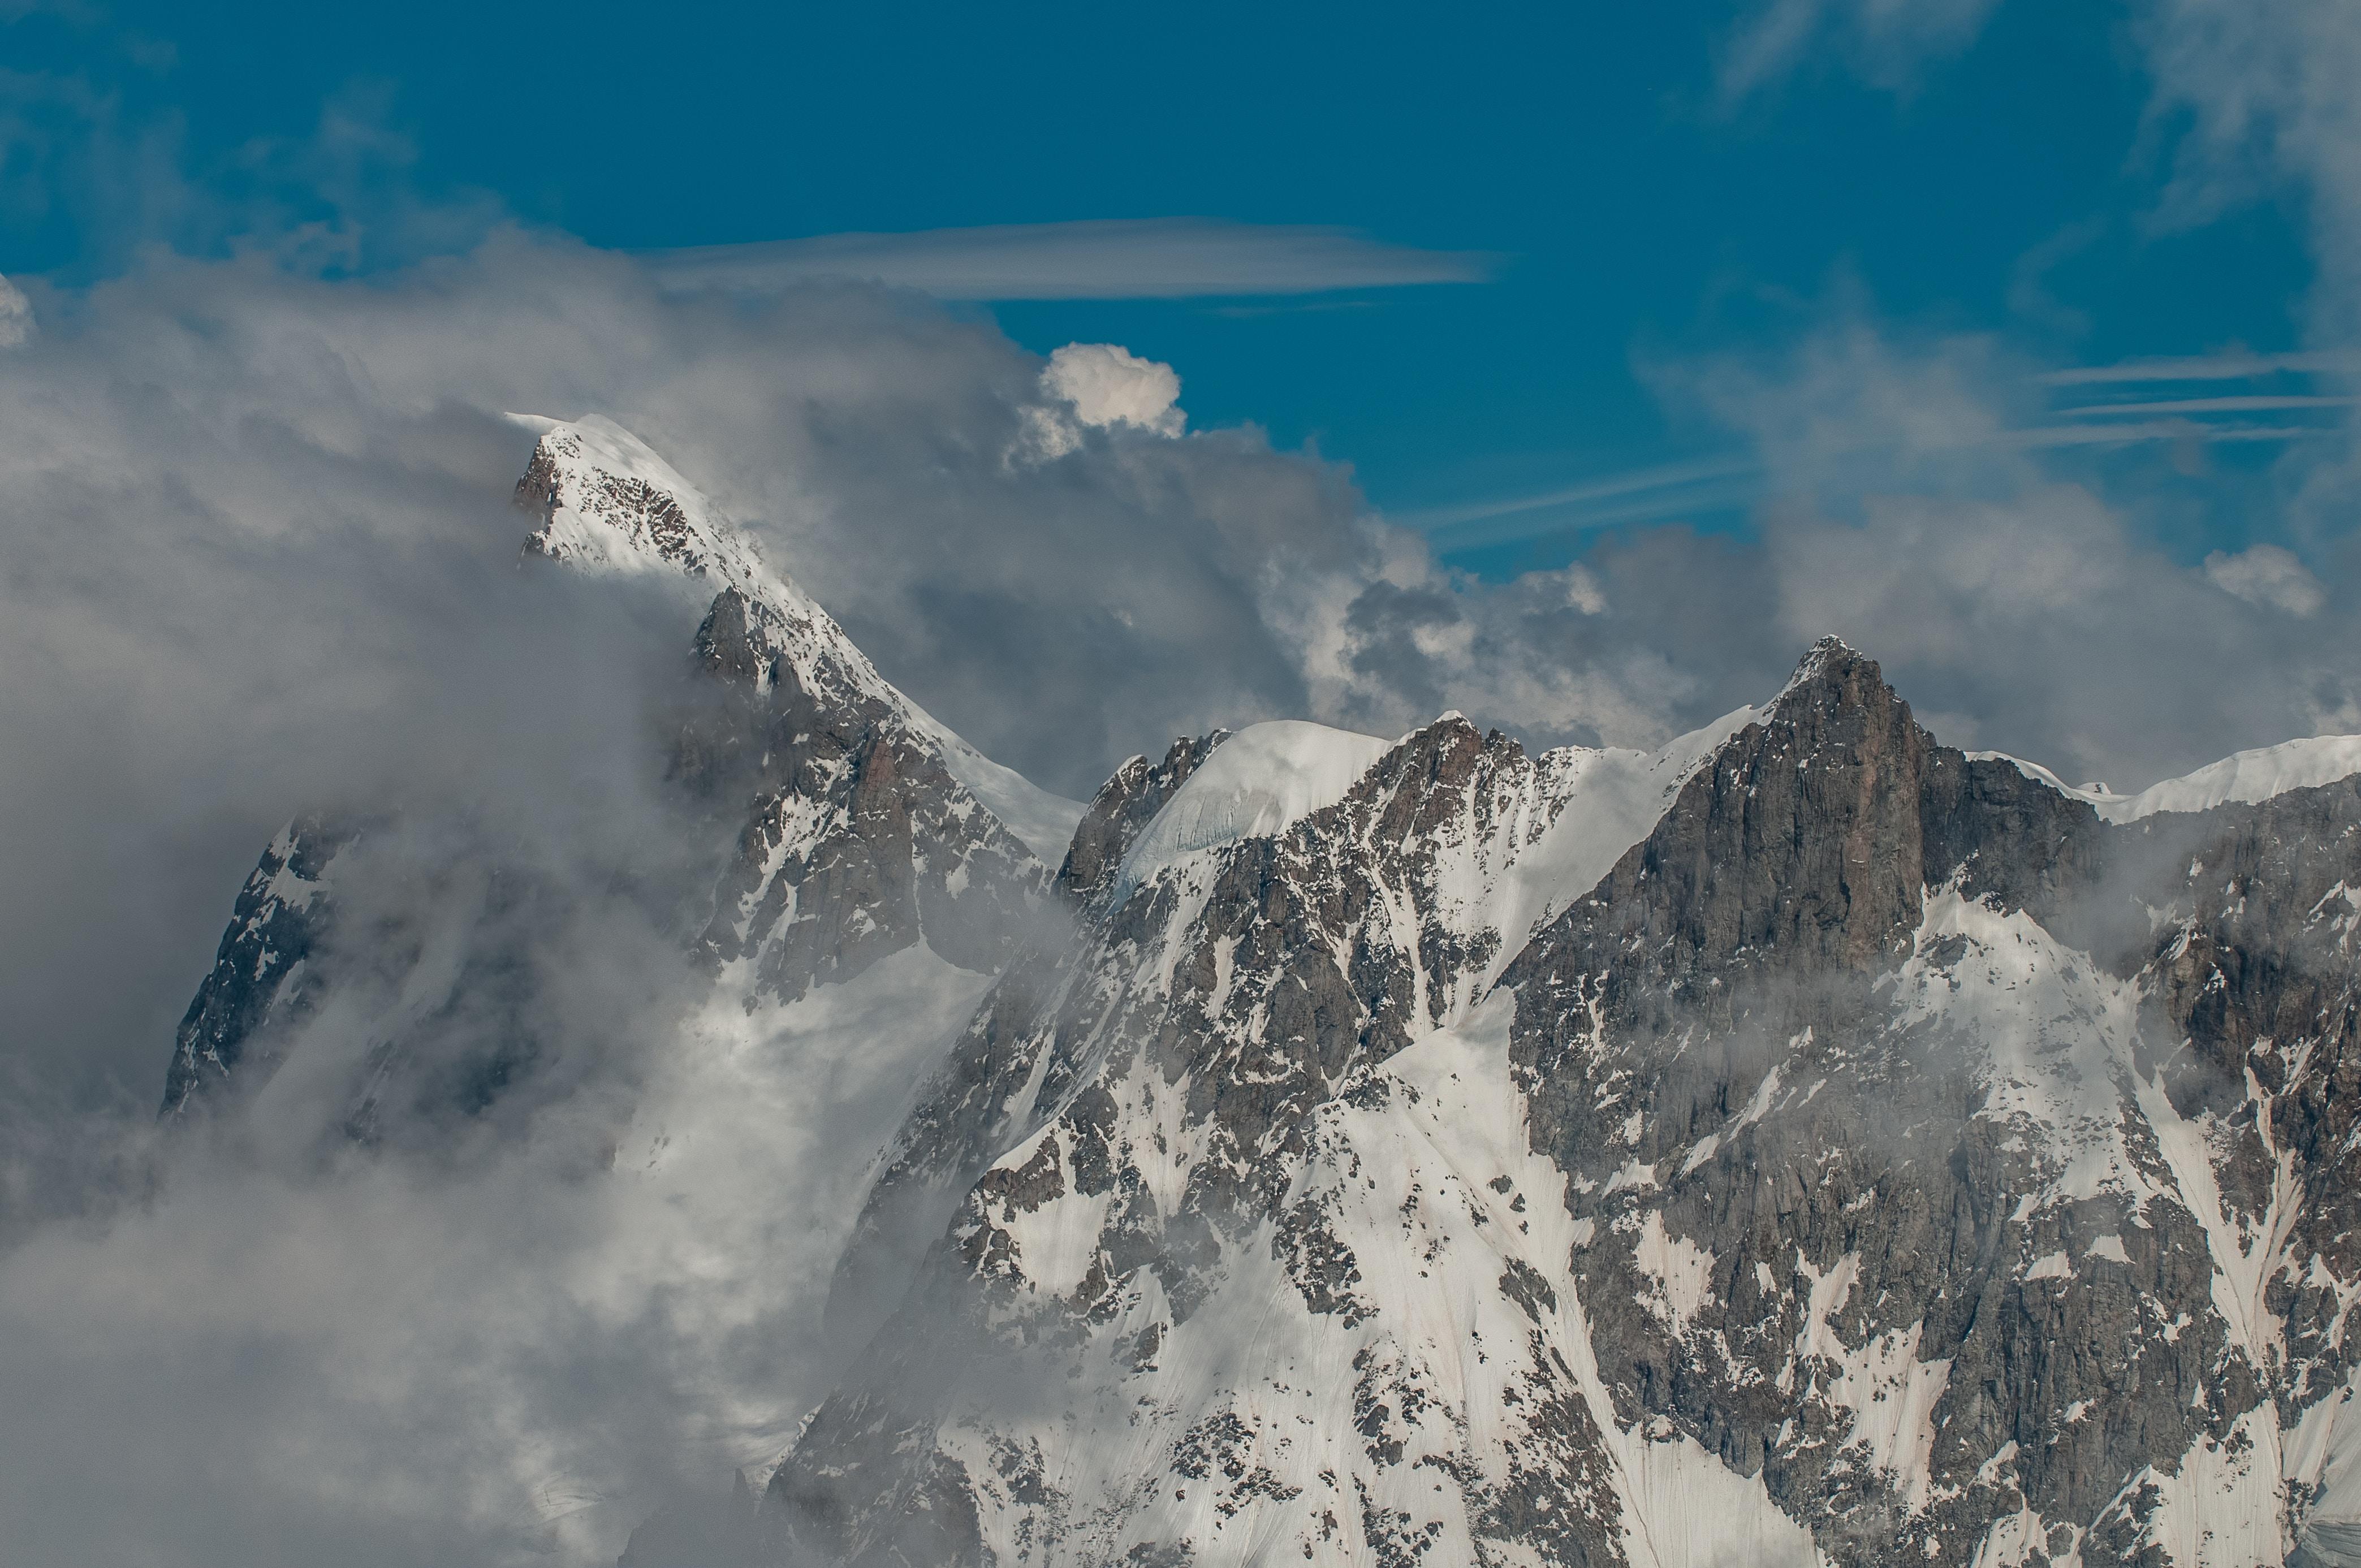 snowcap mountain taken at daytime